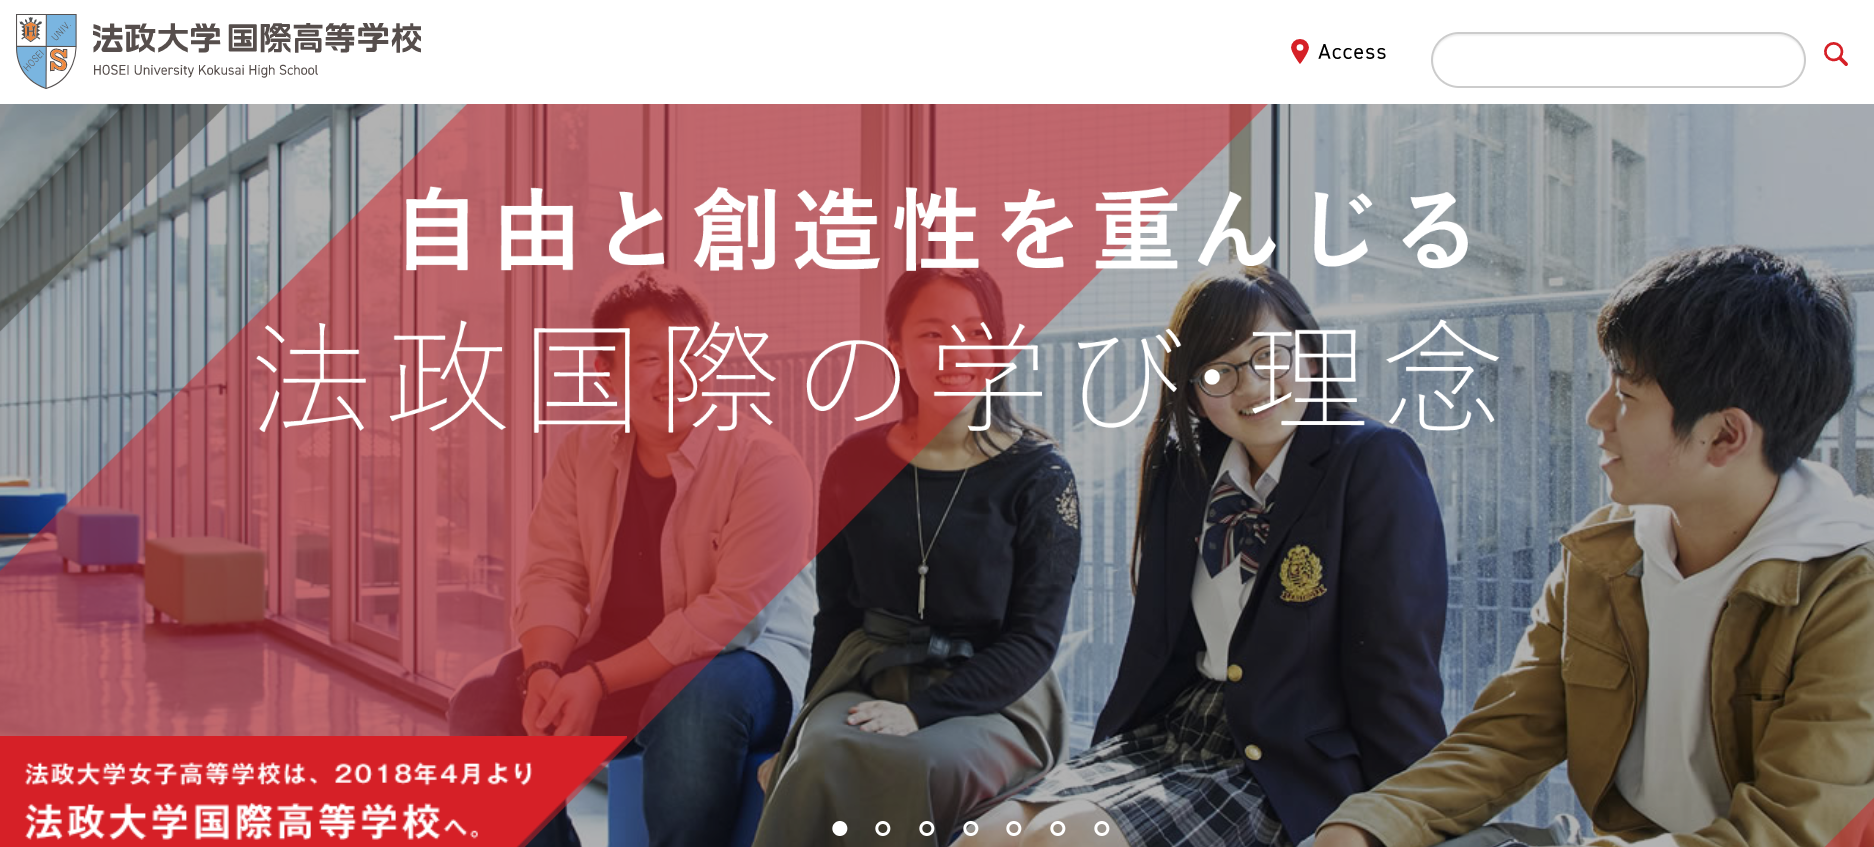 法政大学国際高校の口コミ・評判